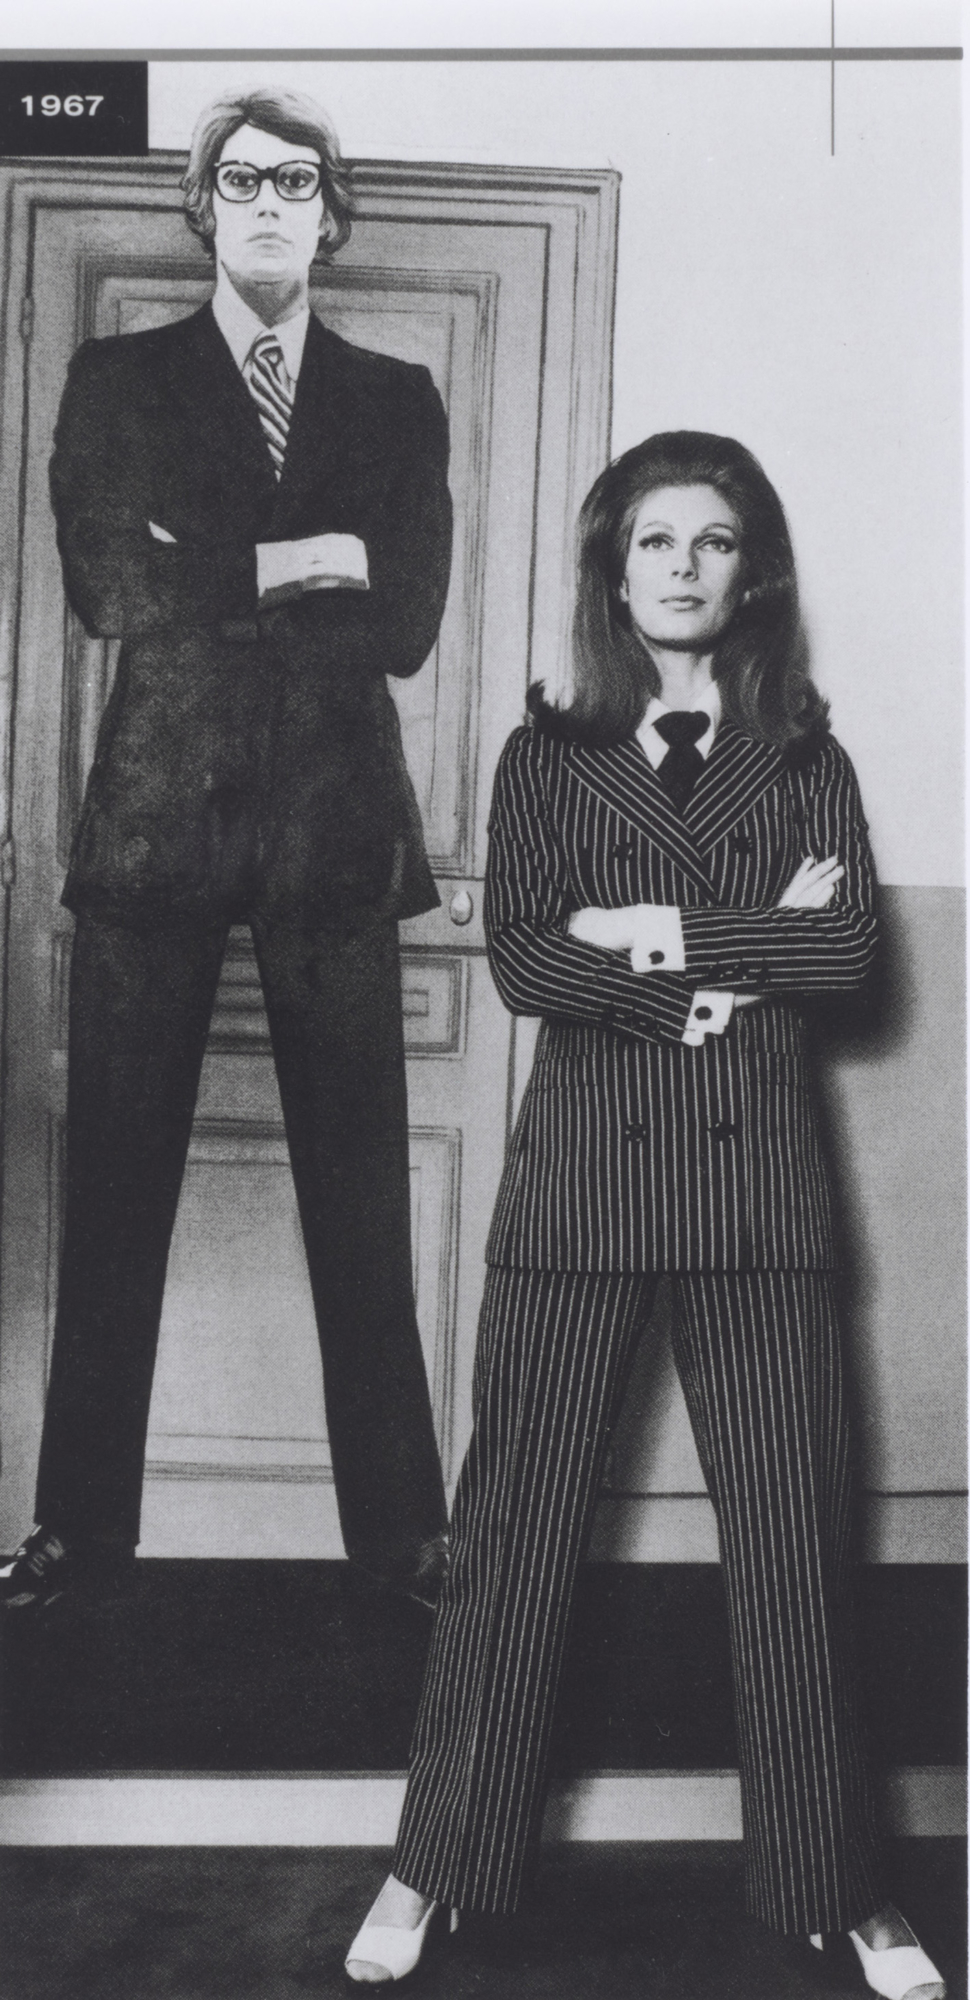 101bb92f379 First pantsuit, worn by Ulla. Spring-summer 1967 haute couture collection.  Jardin des Serres d'Auteuil, Bois de Boulogne, Paris. Contact sheet by  Jean-Paul ...